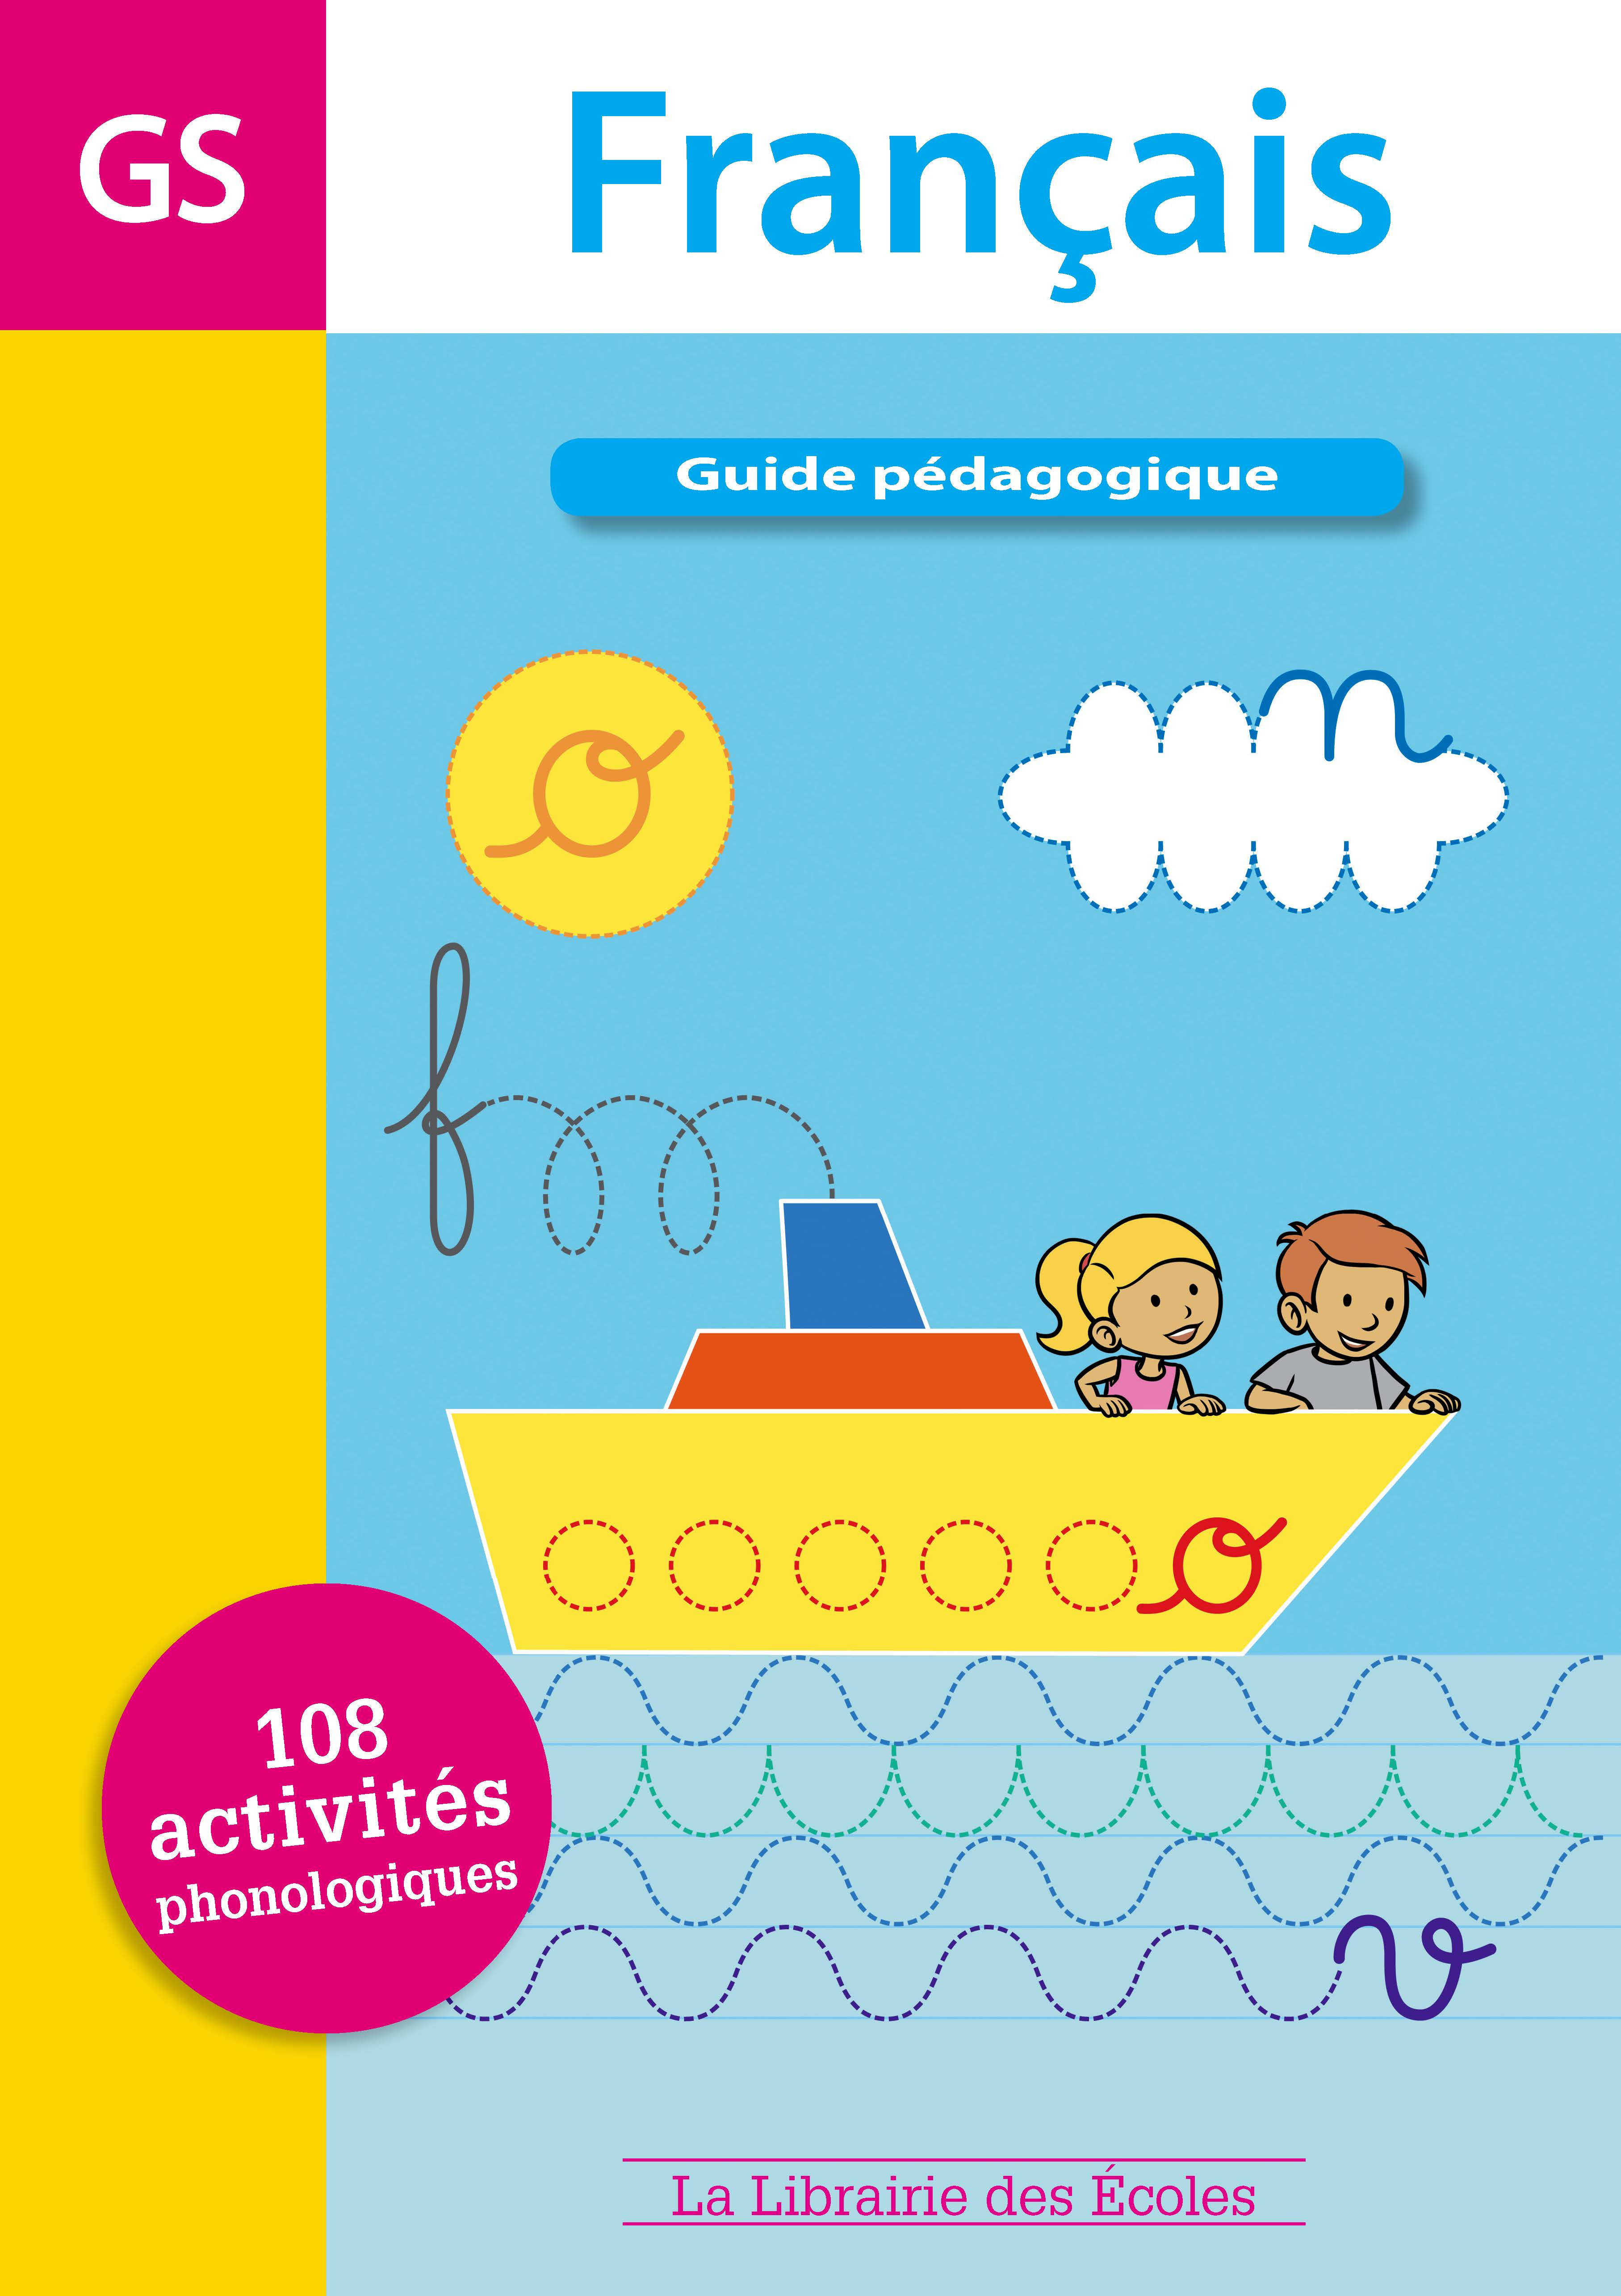 Guide pédagogique Français GS